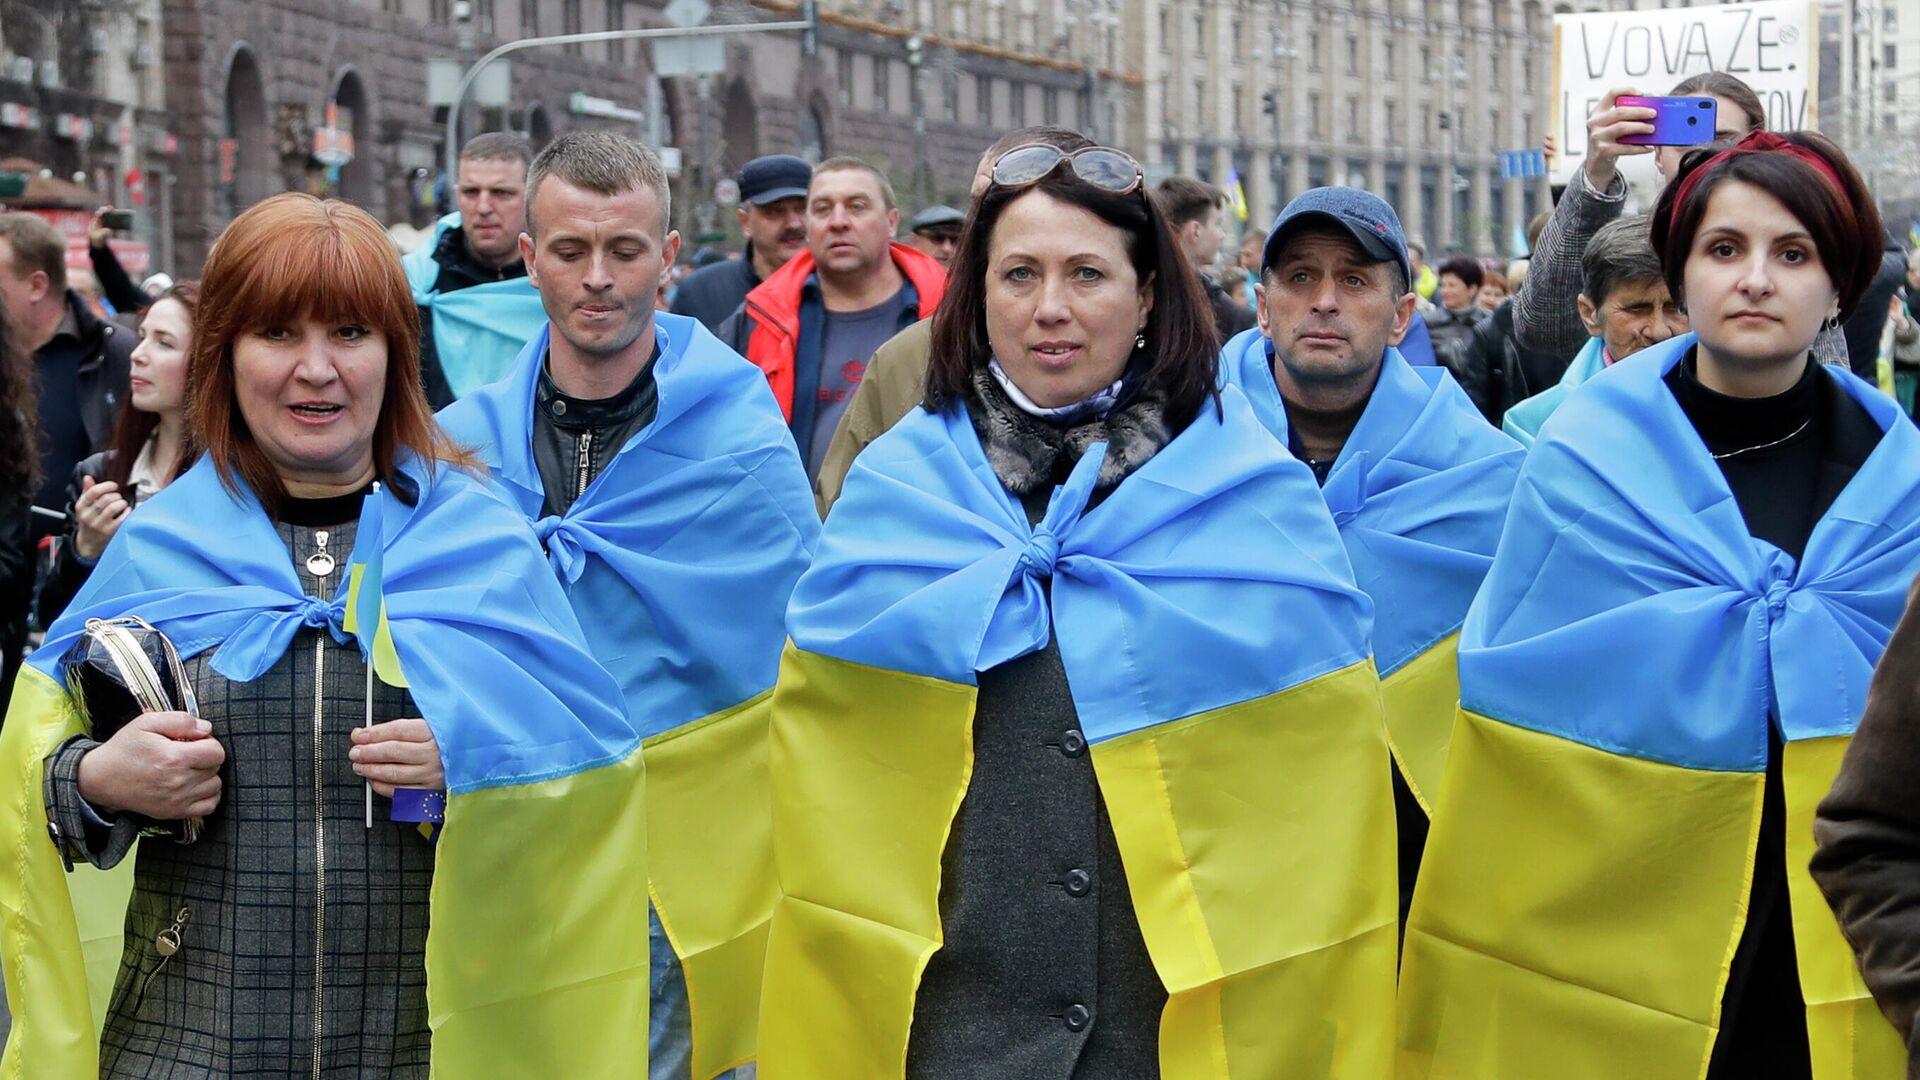 Опубликованы результаты изучения генетического разнообразия украинцев